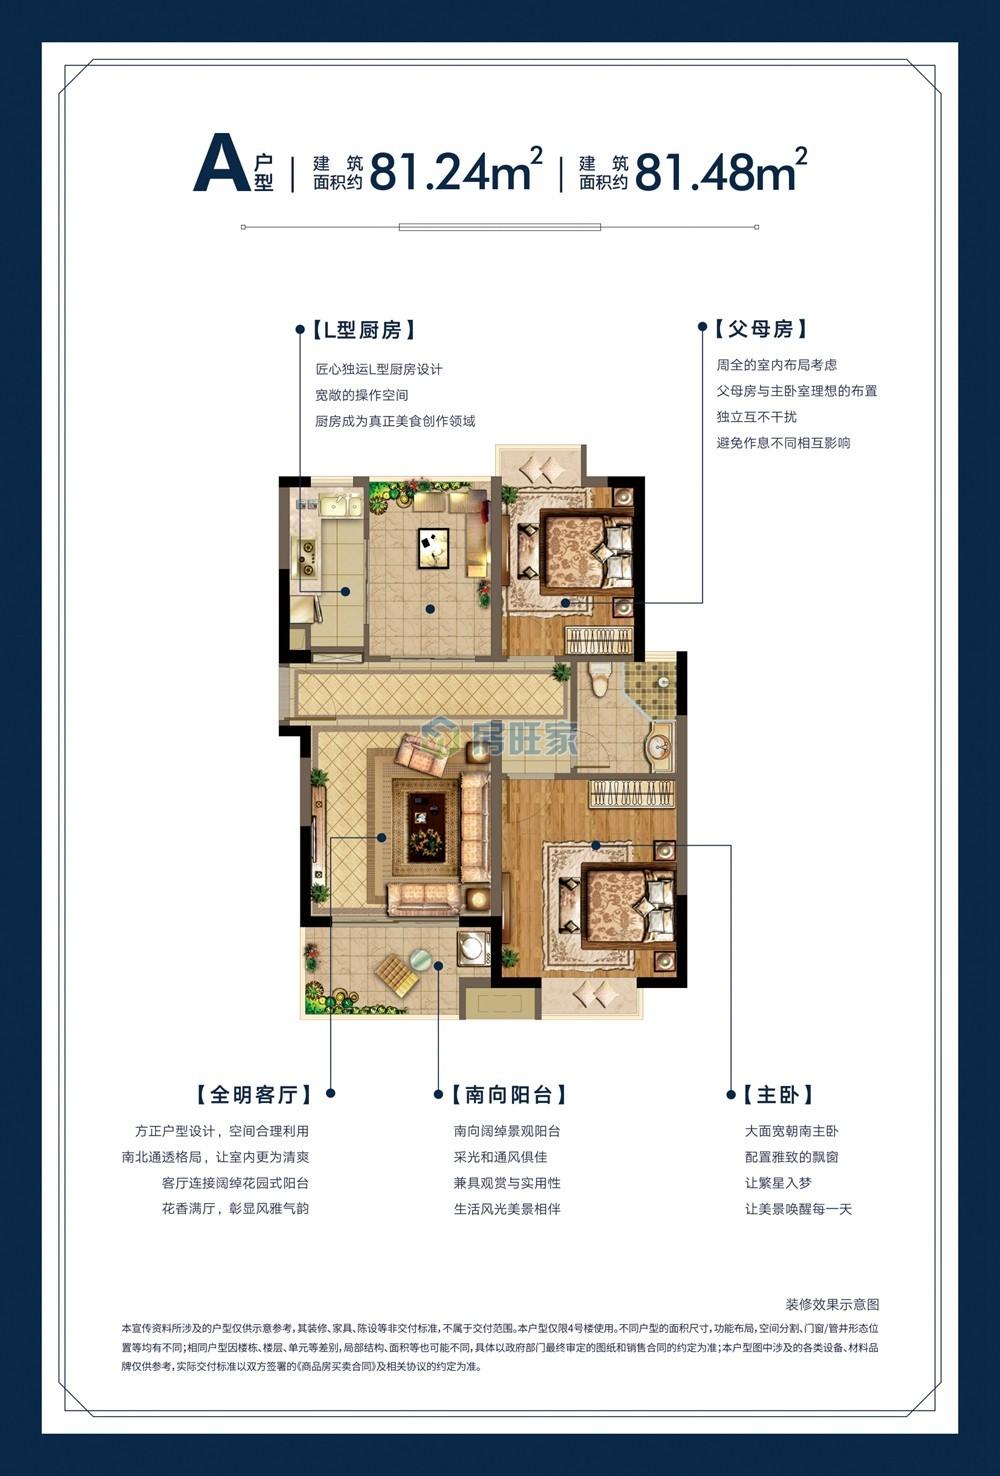 世茂幸福里两房户型 建面81.24㎡